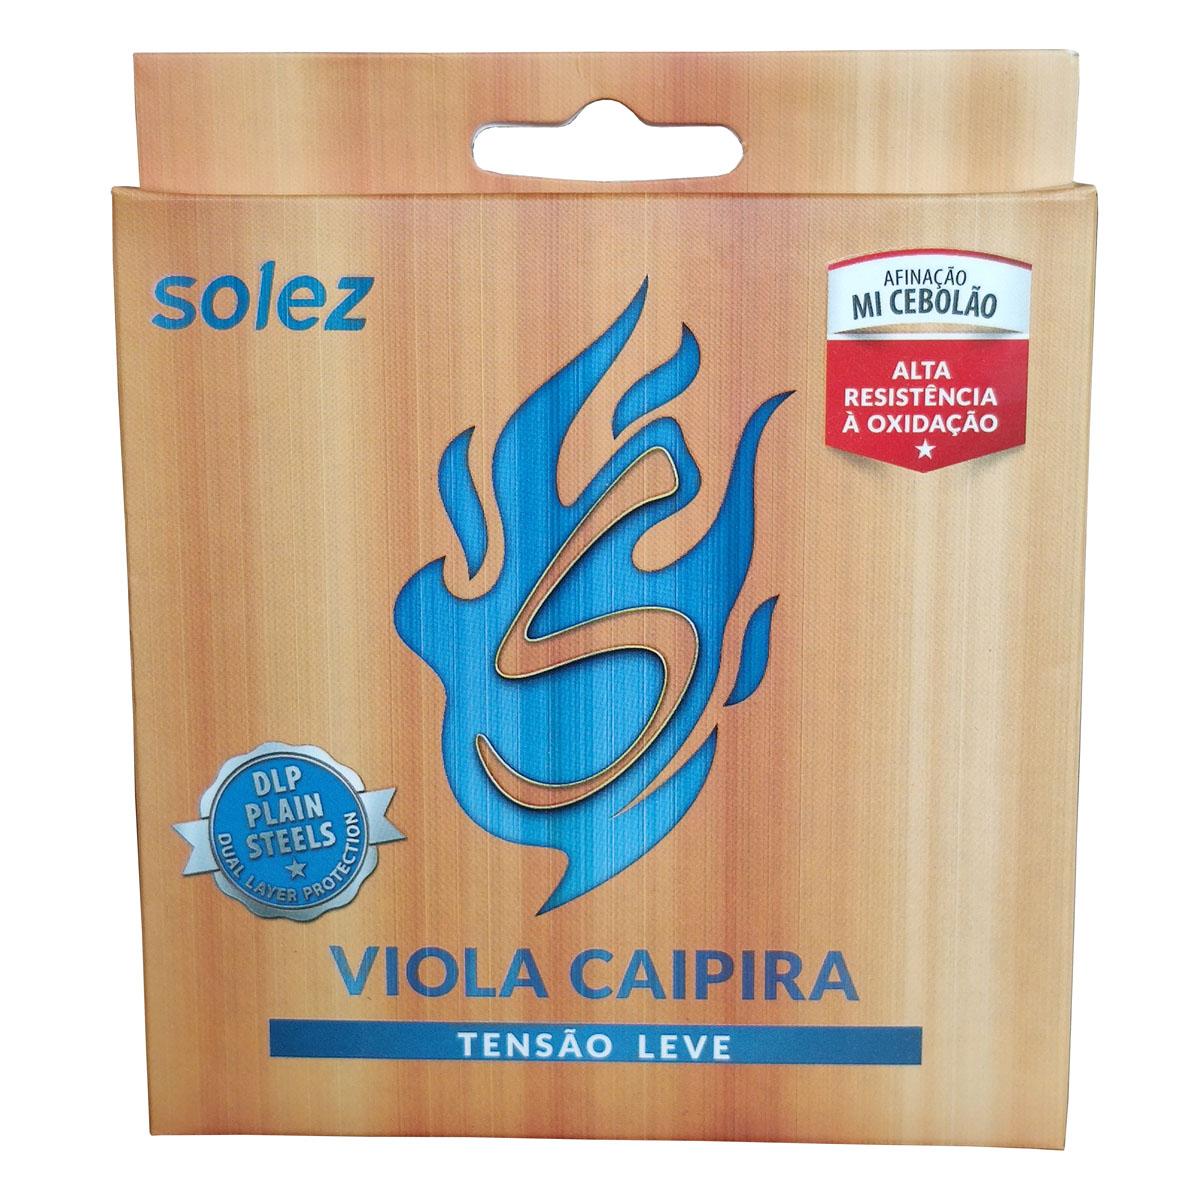 Jogo de Cordas p/ Viola Caipira 10 Cordas Tensão Leve - Solez  - RS Som e Luz!